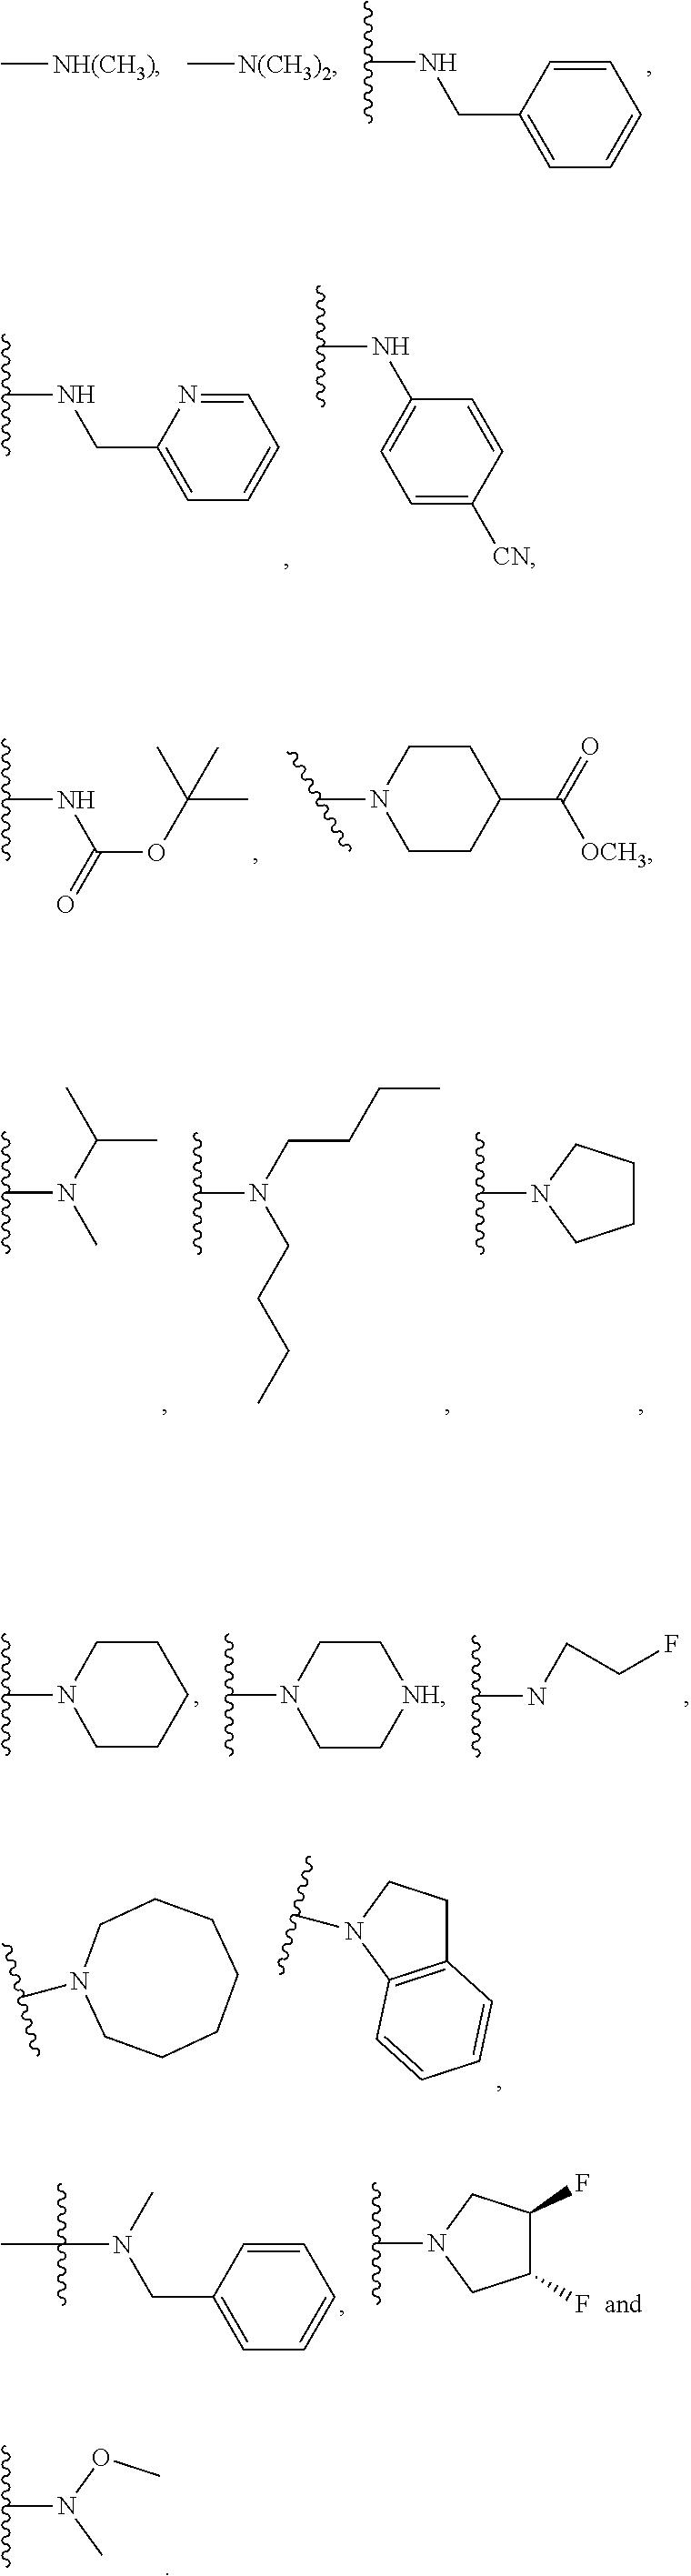 Figure US08933236-20150113-C00013